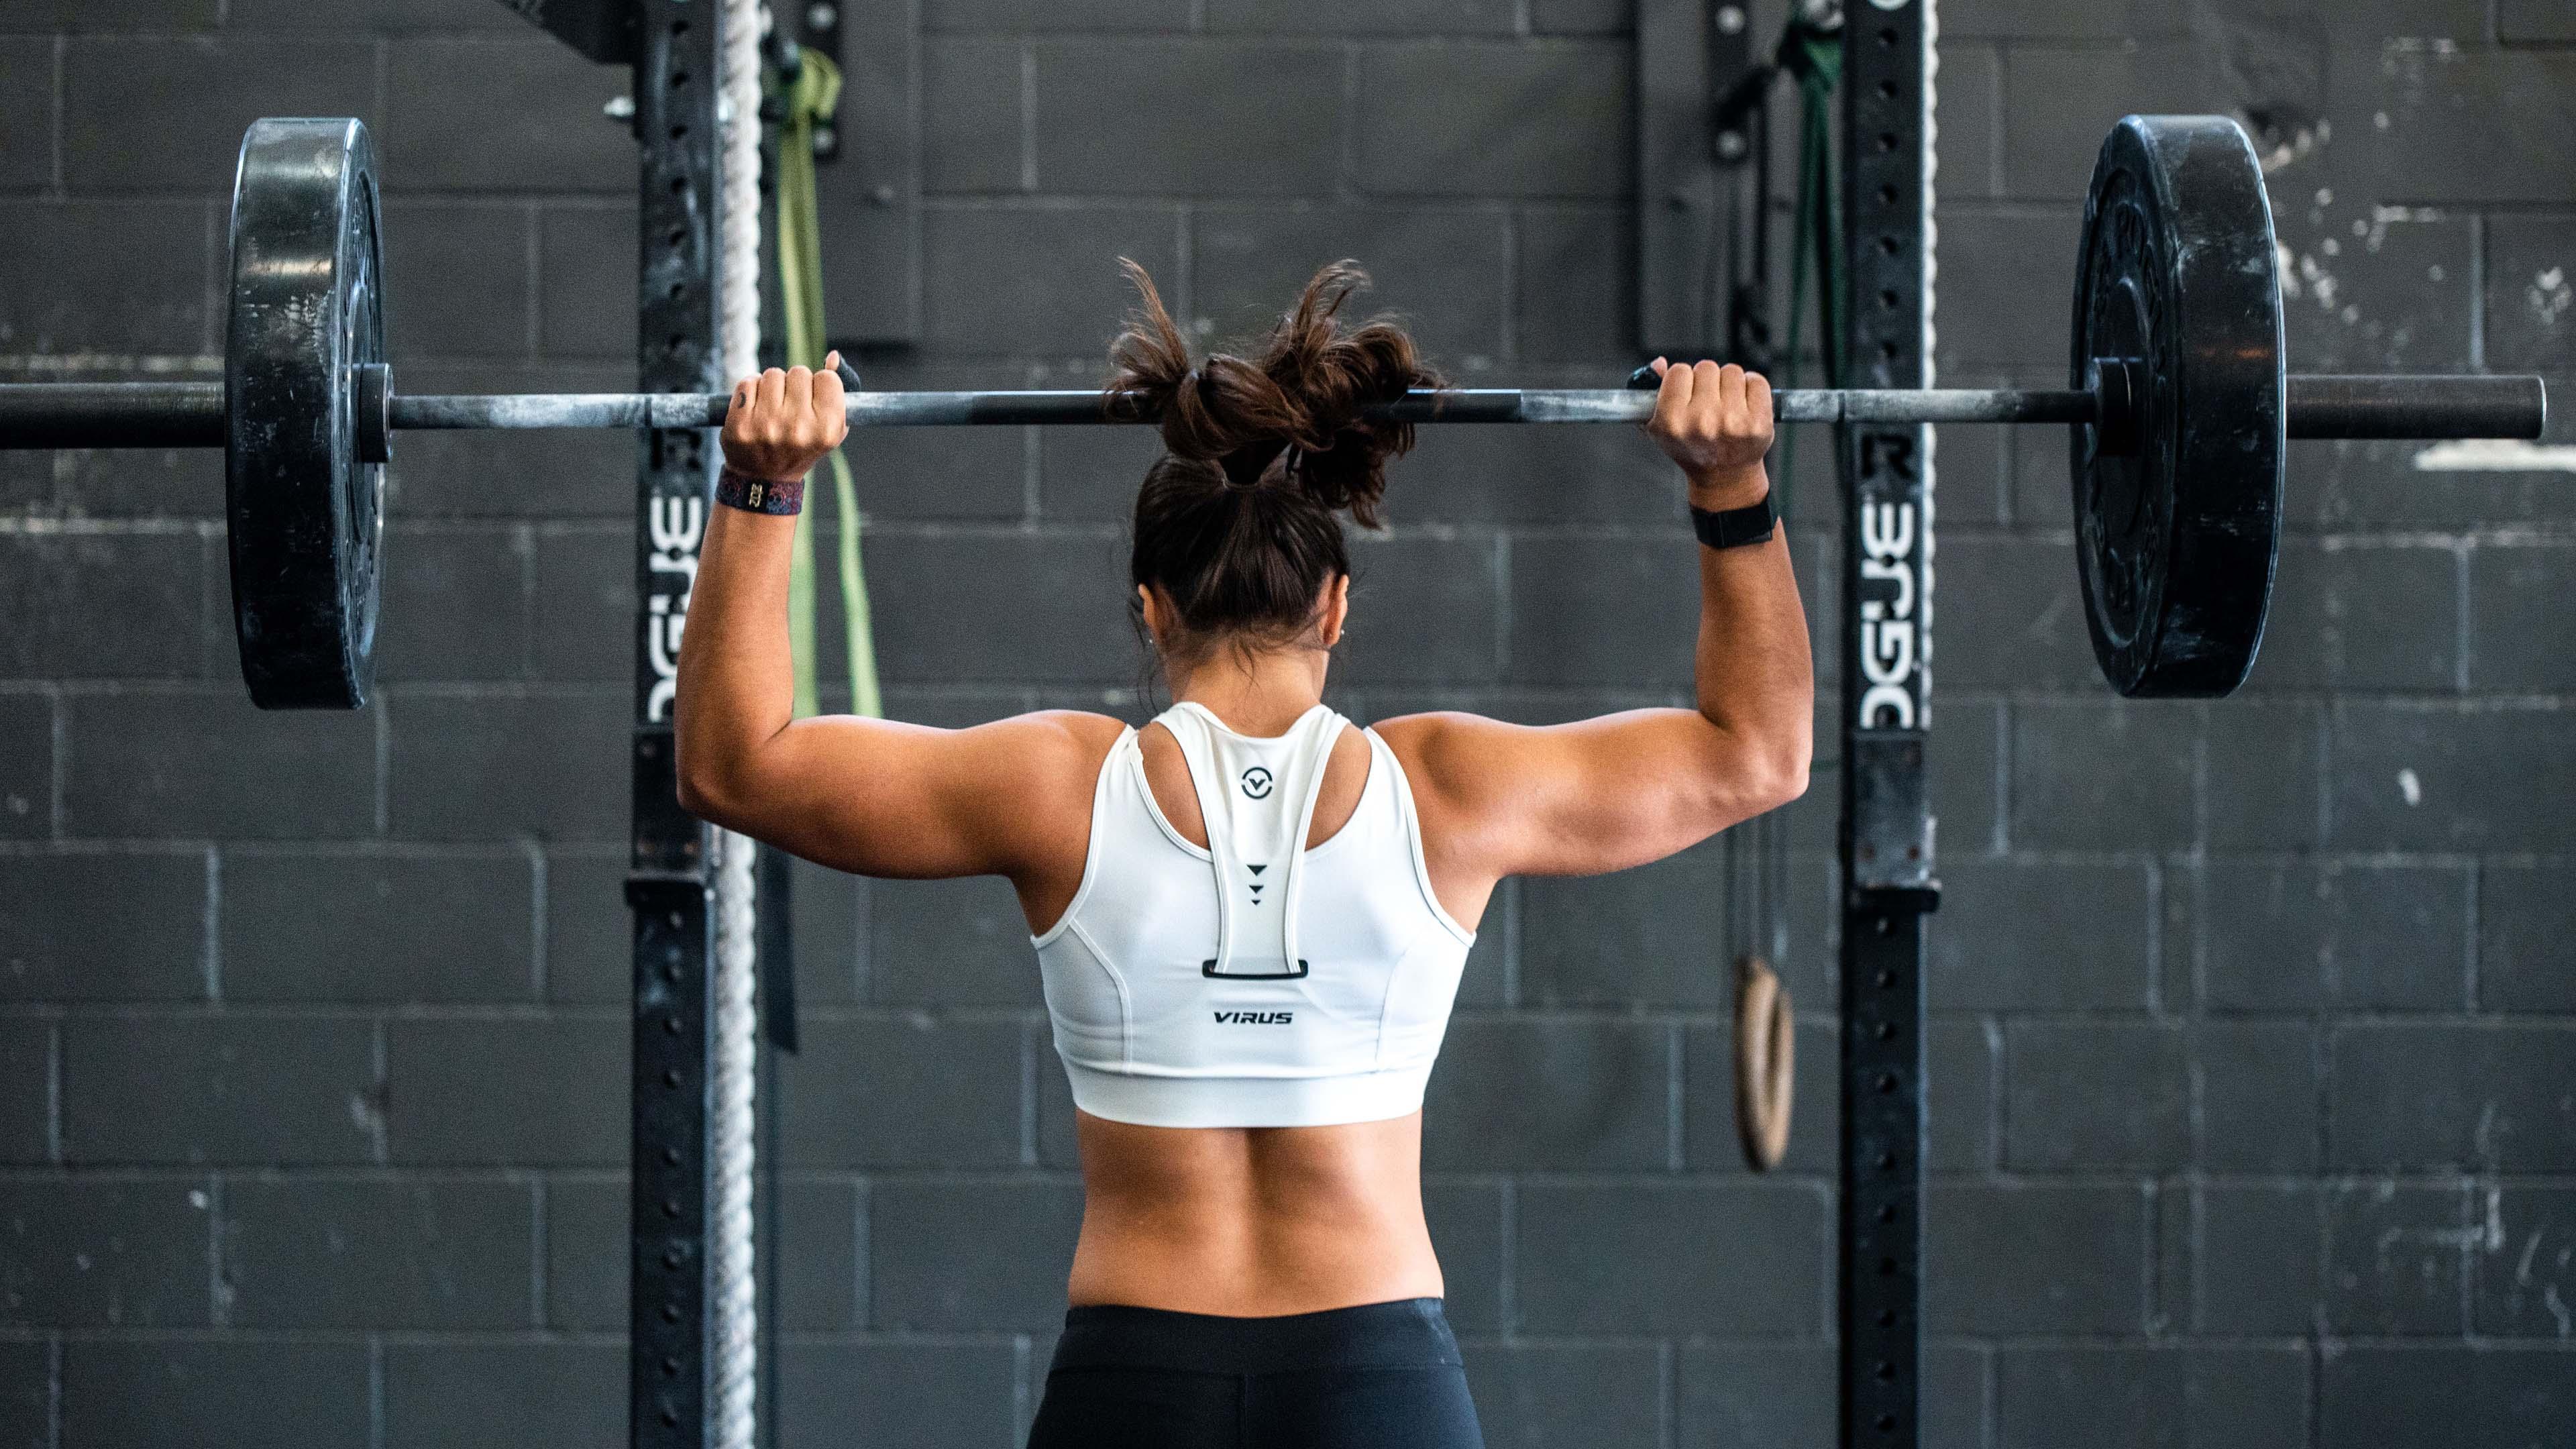 劲爆体育,举重,杠铃,肌肉,健美